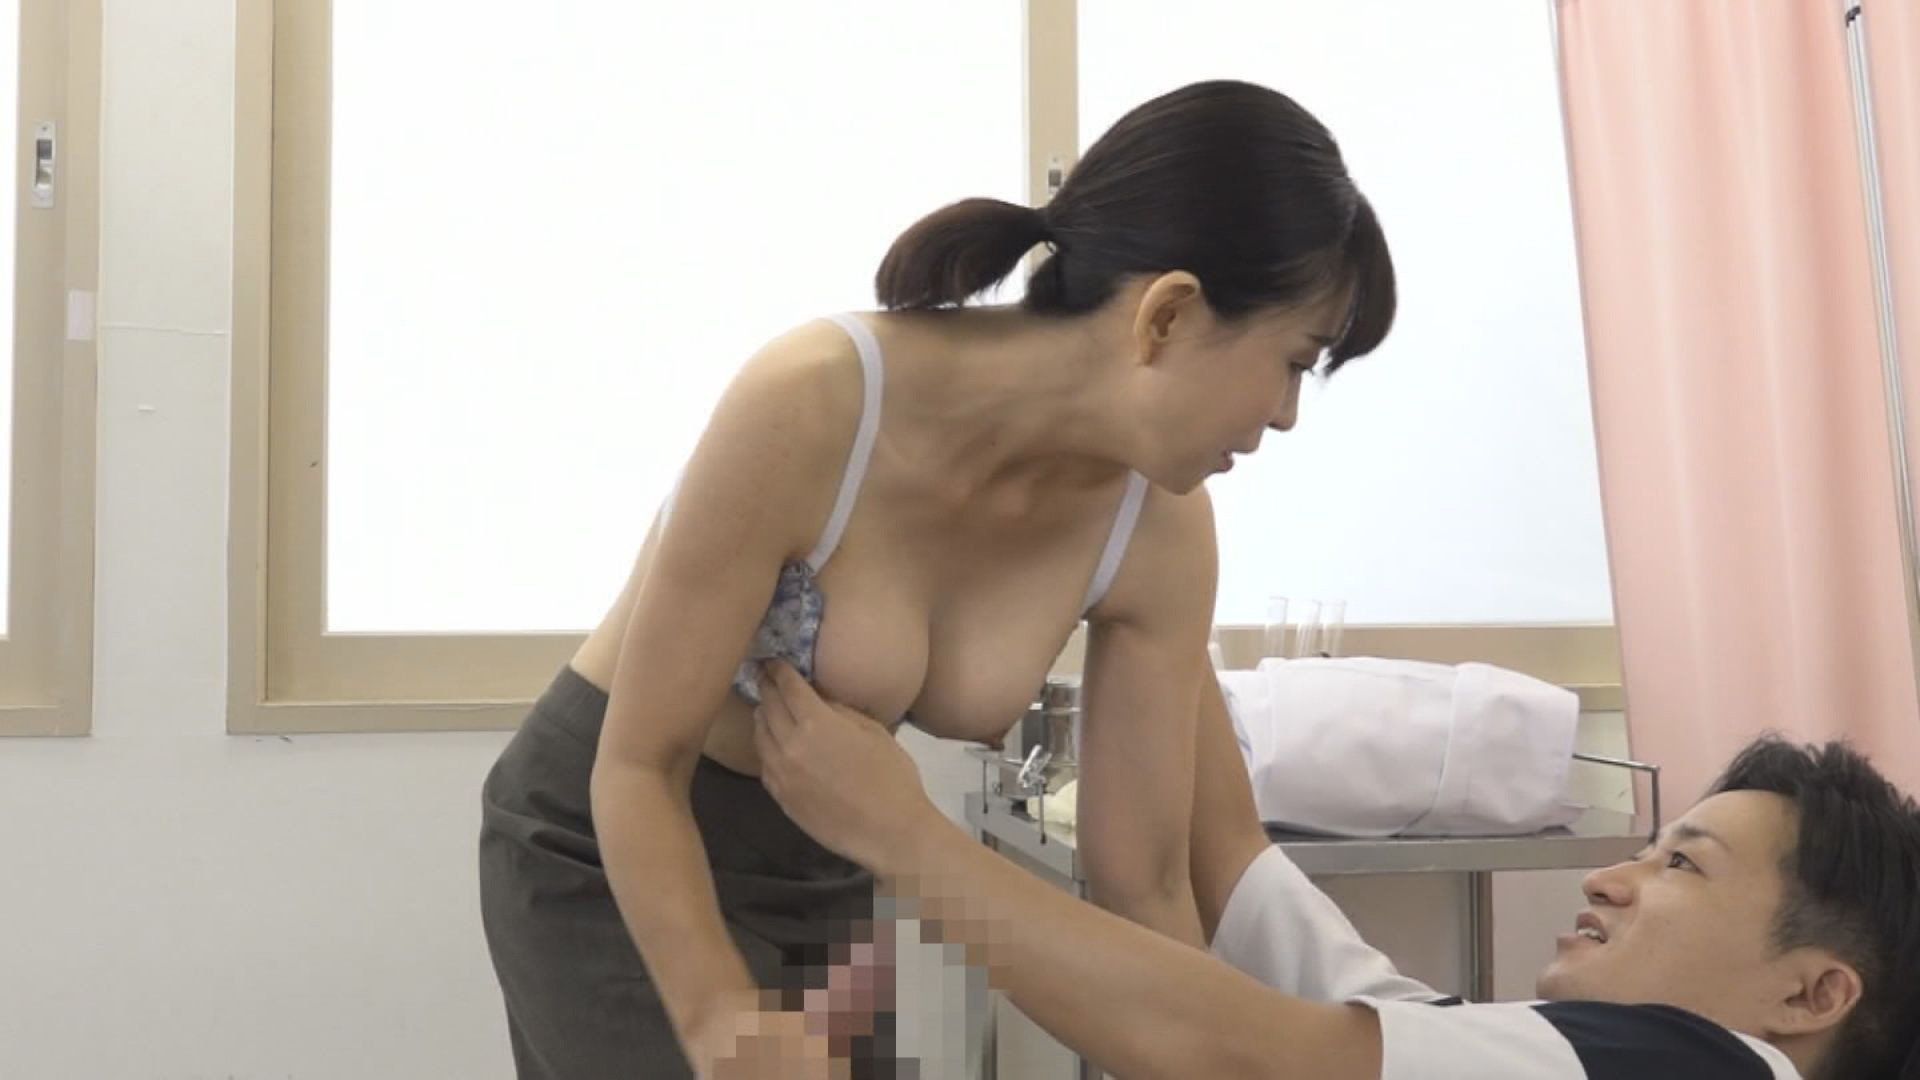 美人の先生がいる皮膚科に行って腫れたチンコを診てもらう流れでヌイてもらいたい(10),のサンプル画像9